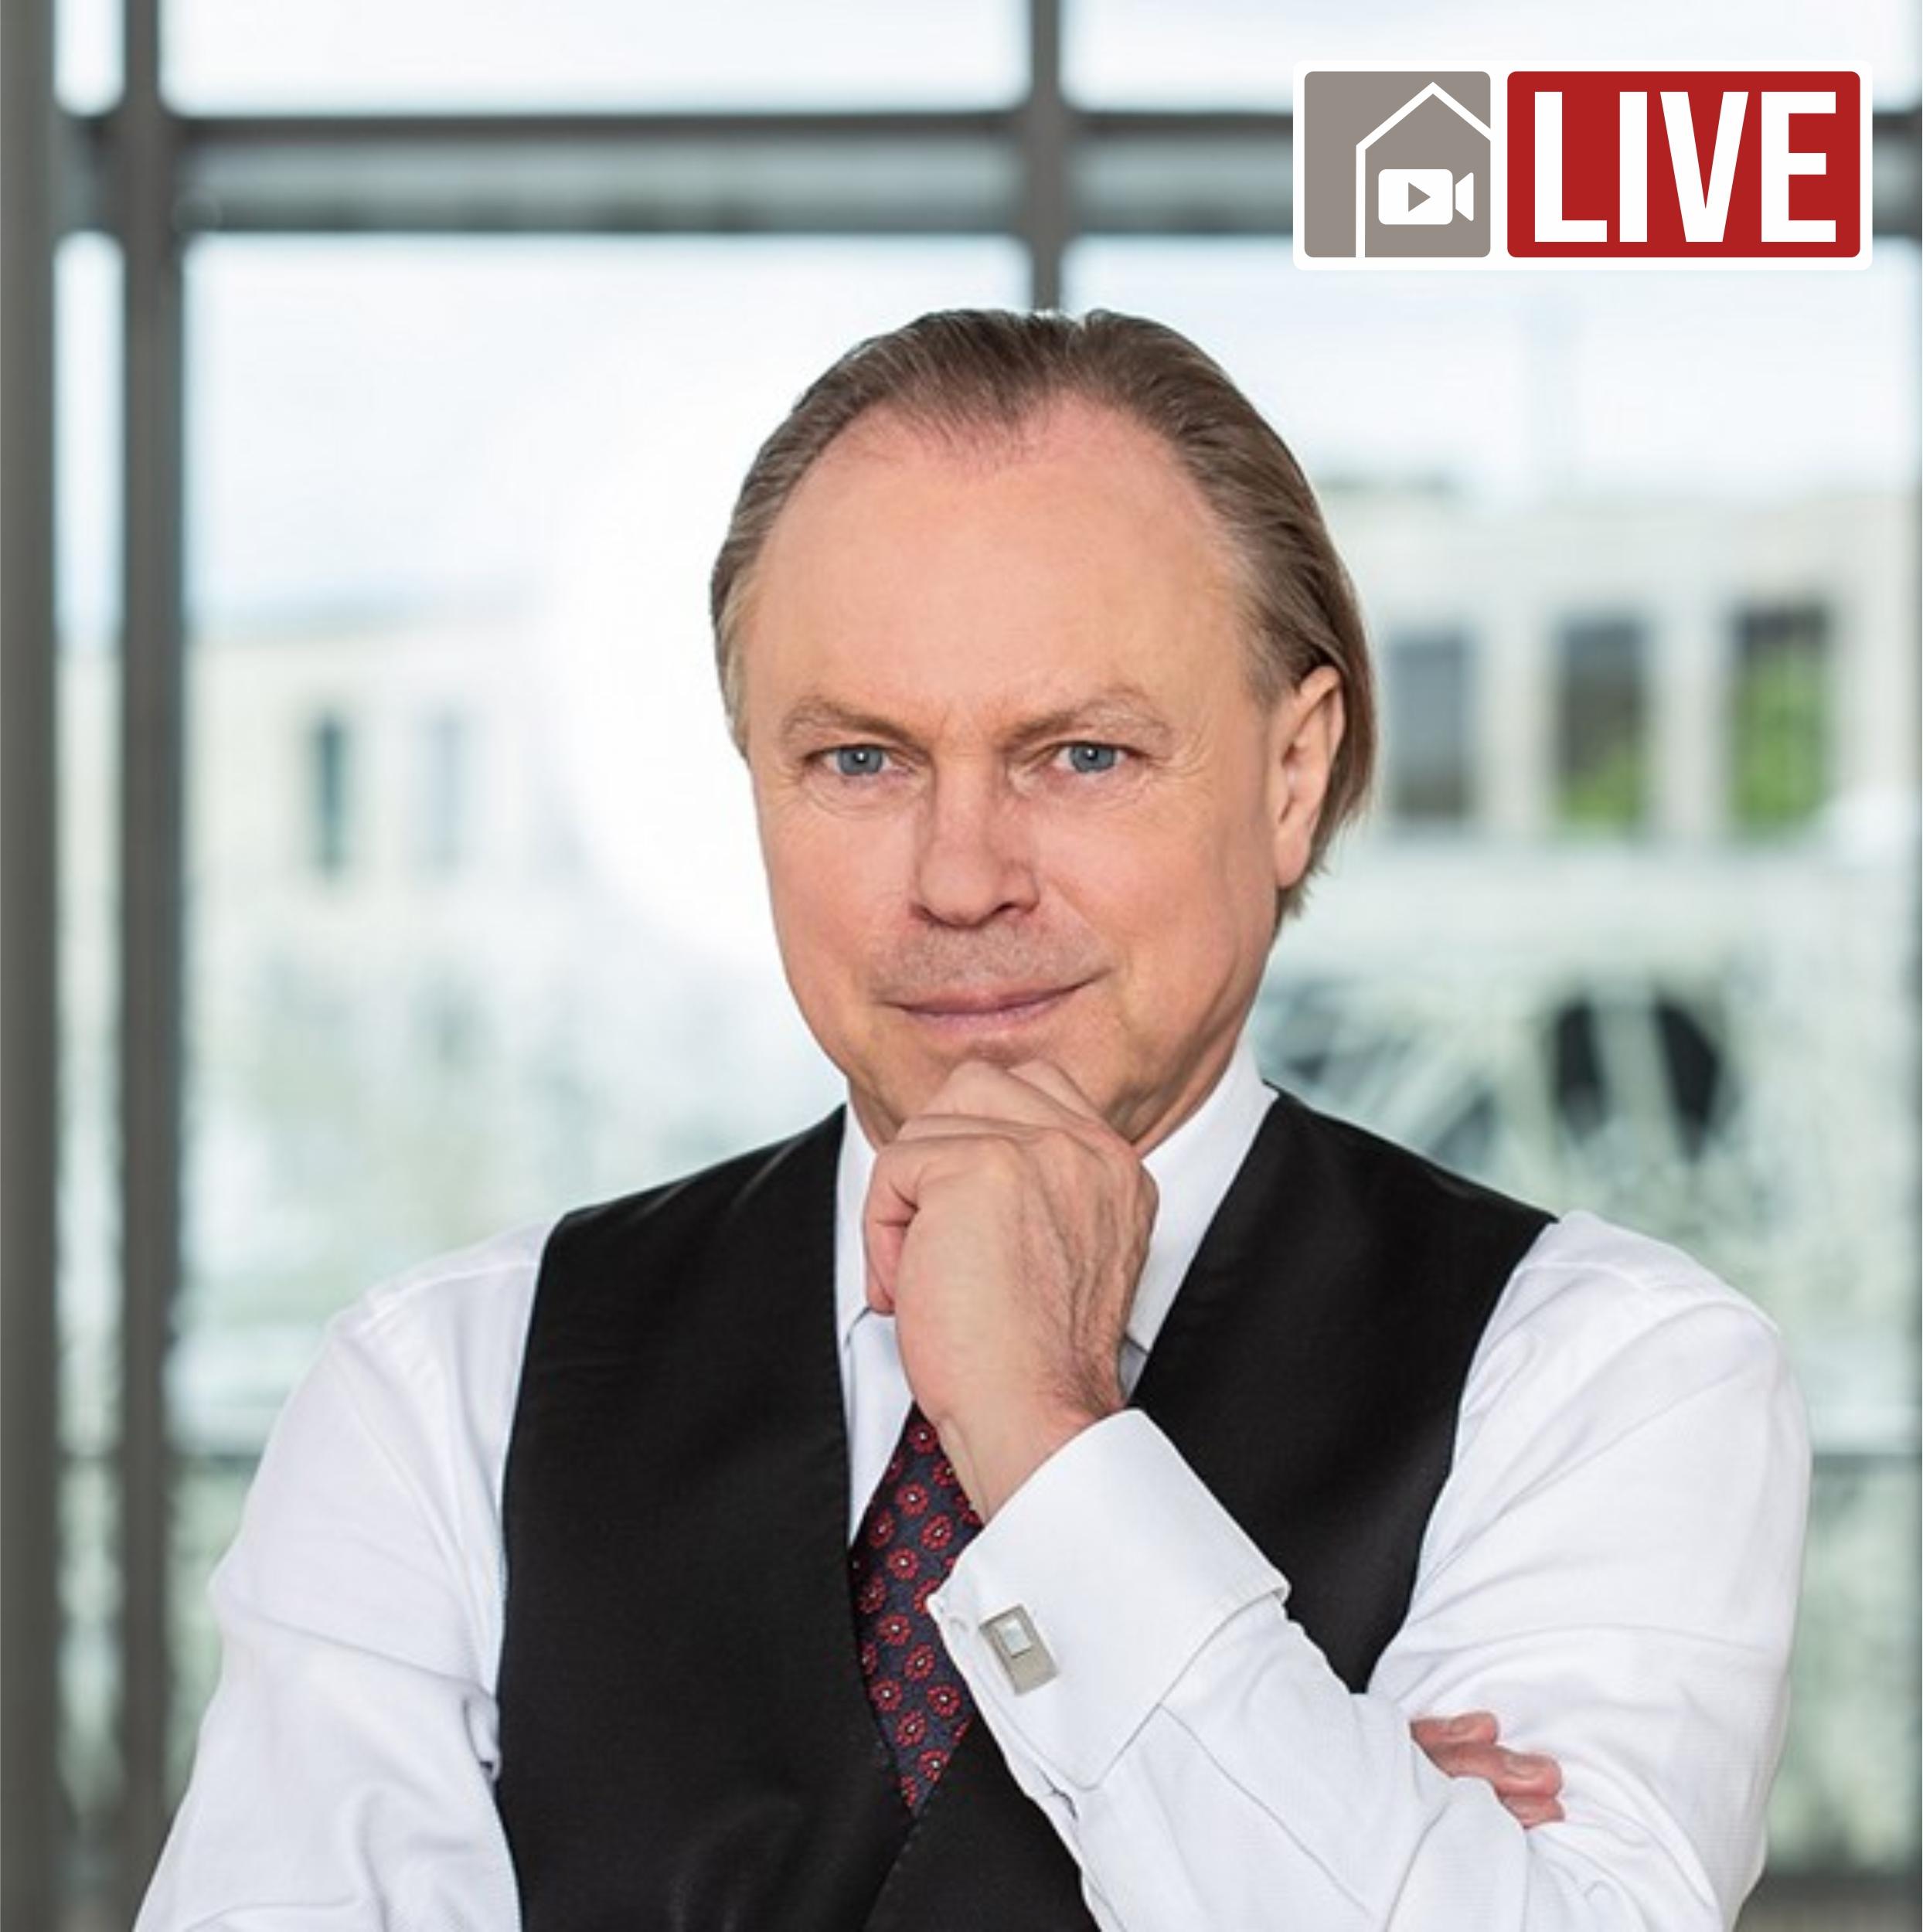 Dr. Marco Freiherr von Münchhausen Livestream